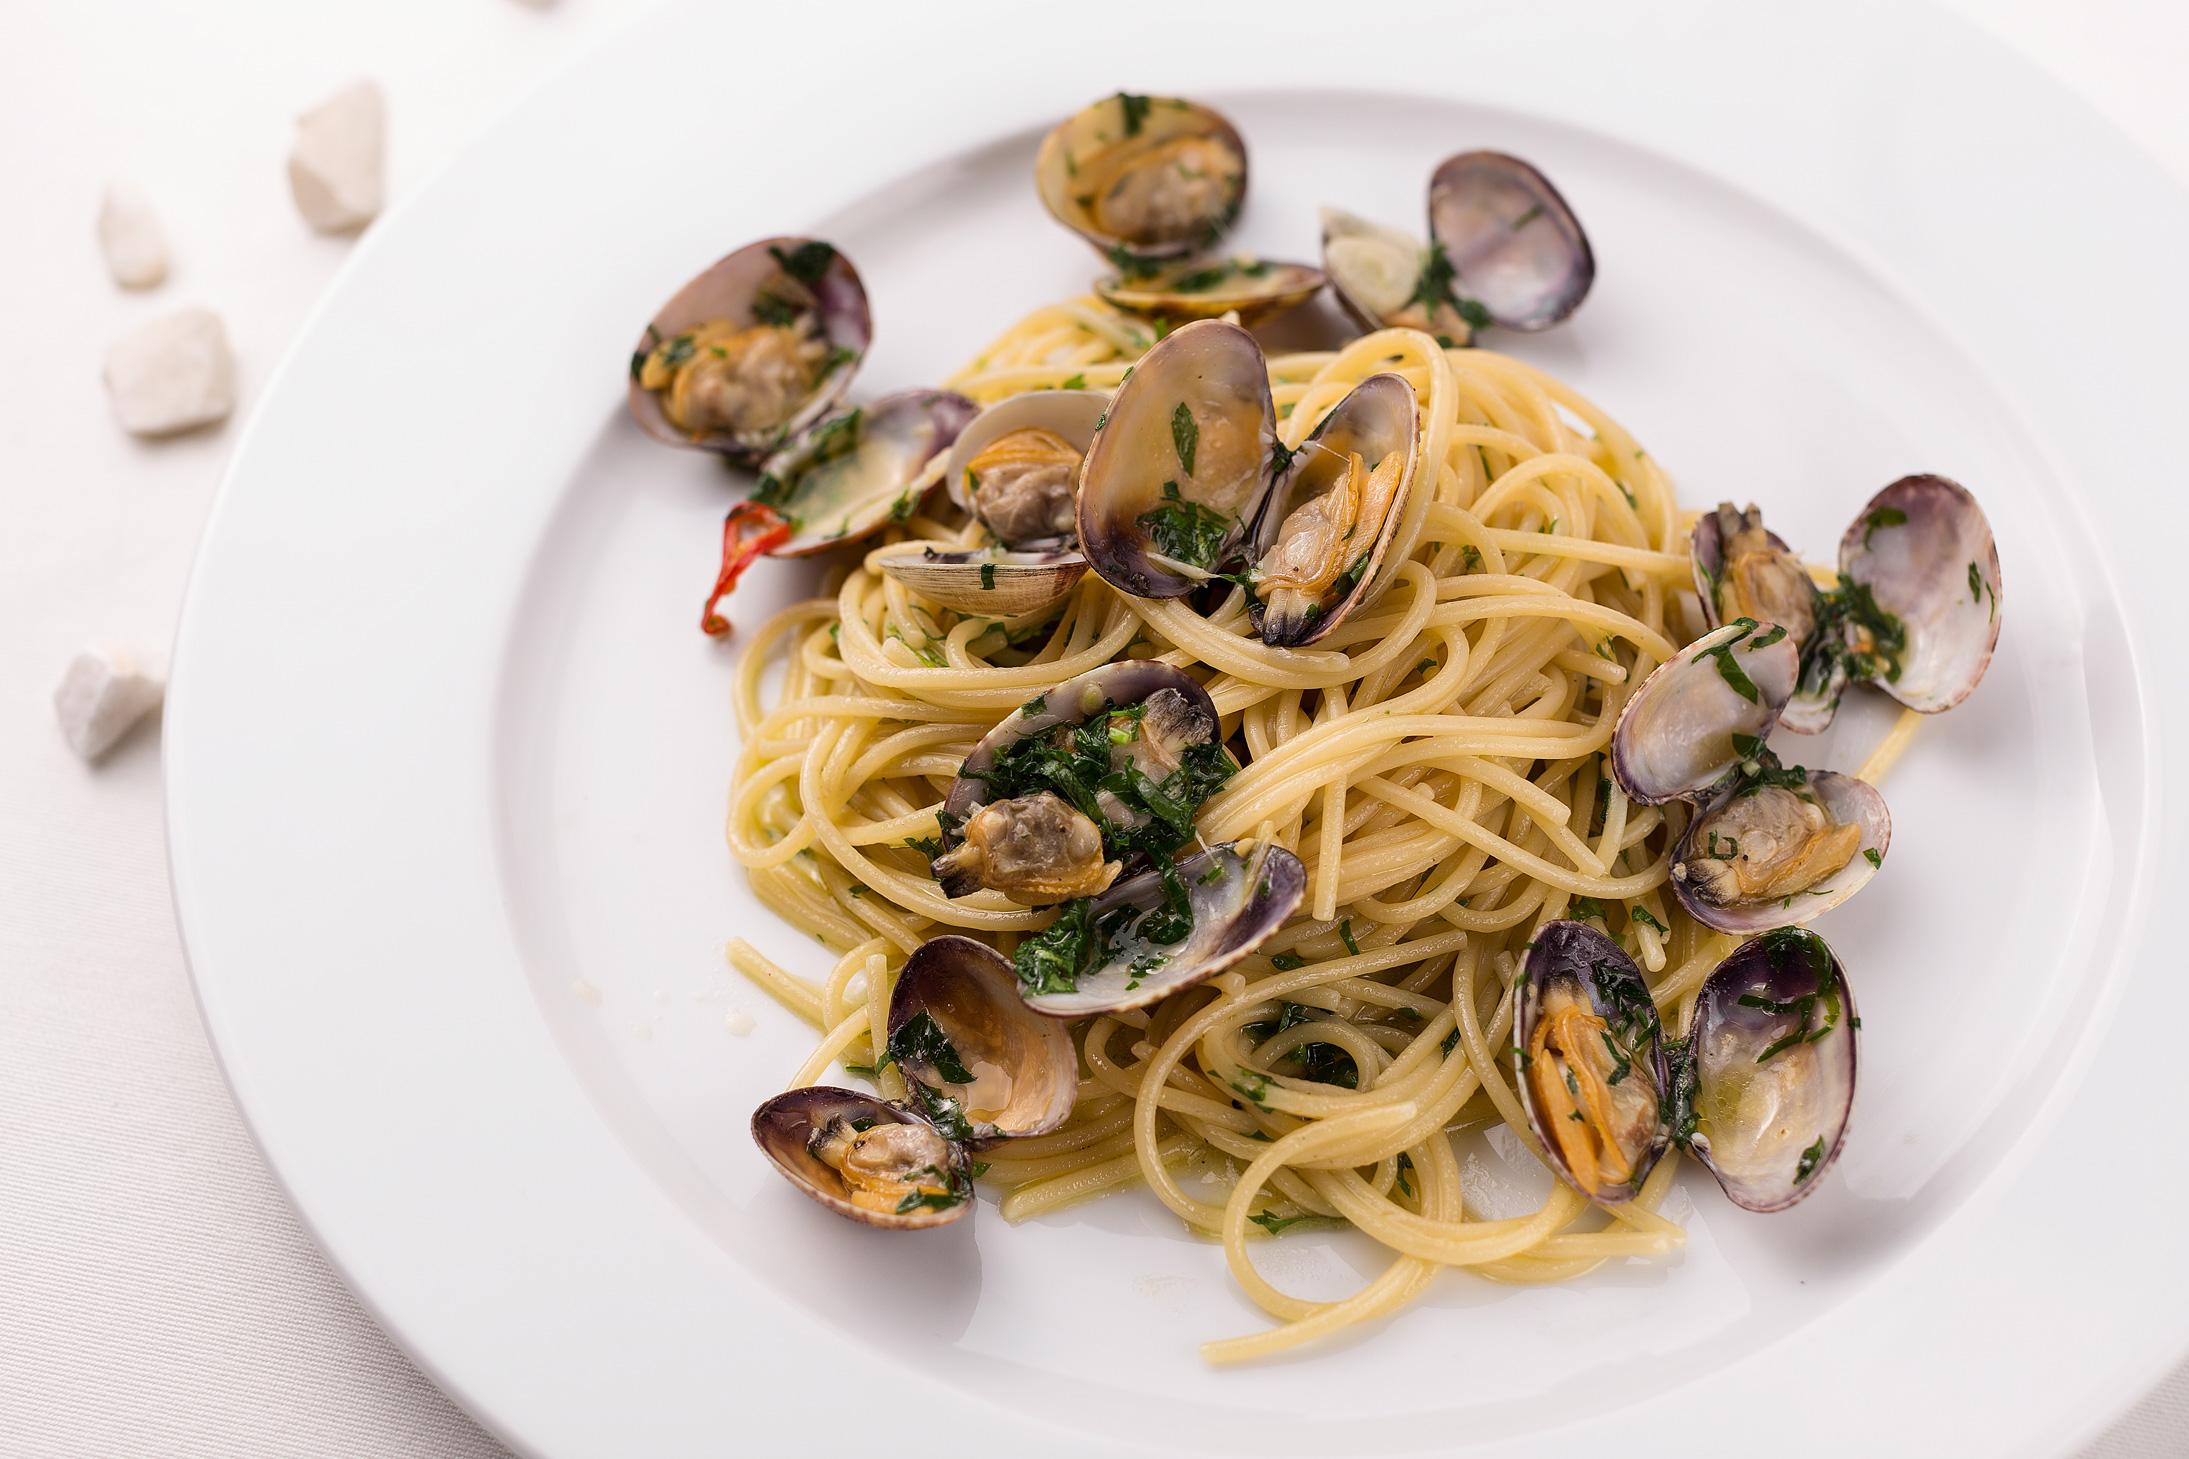 Паста лингвини: рецепты с креветками, морепродуктами, курицей